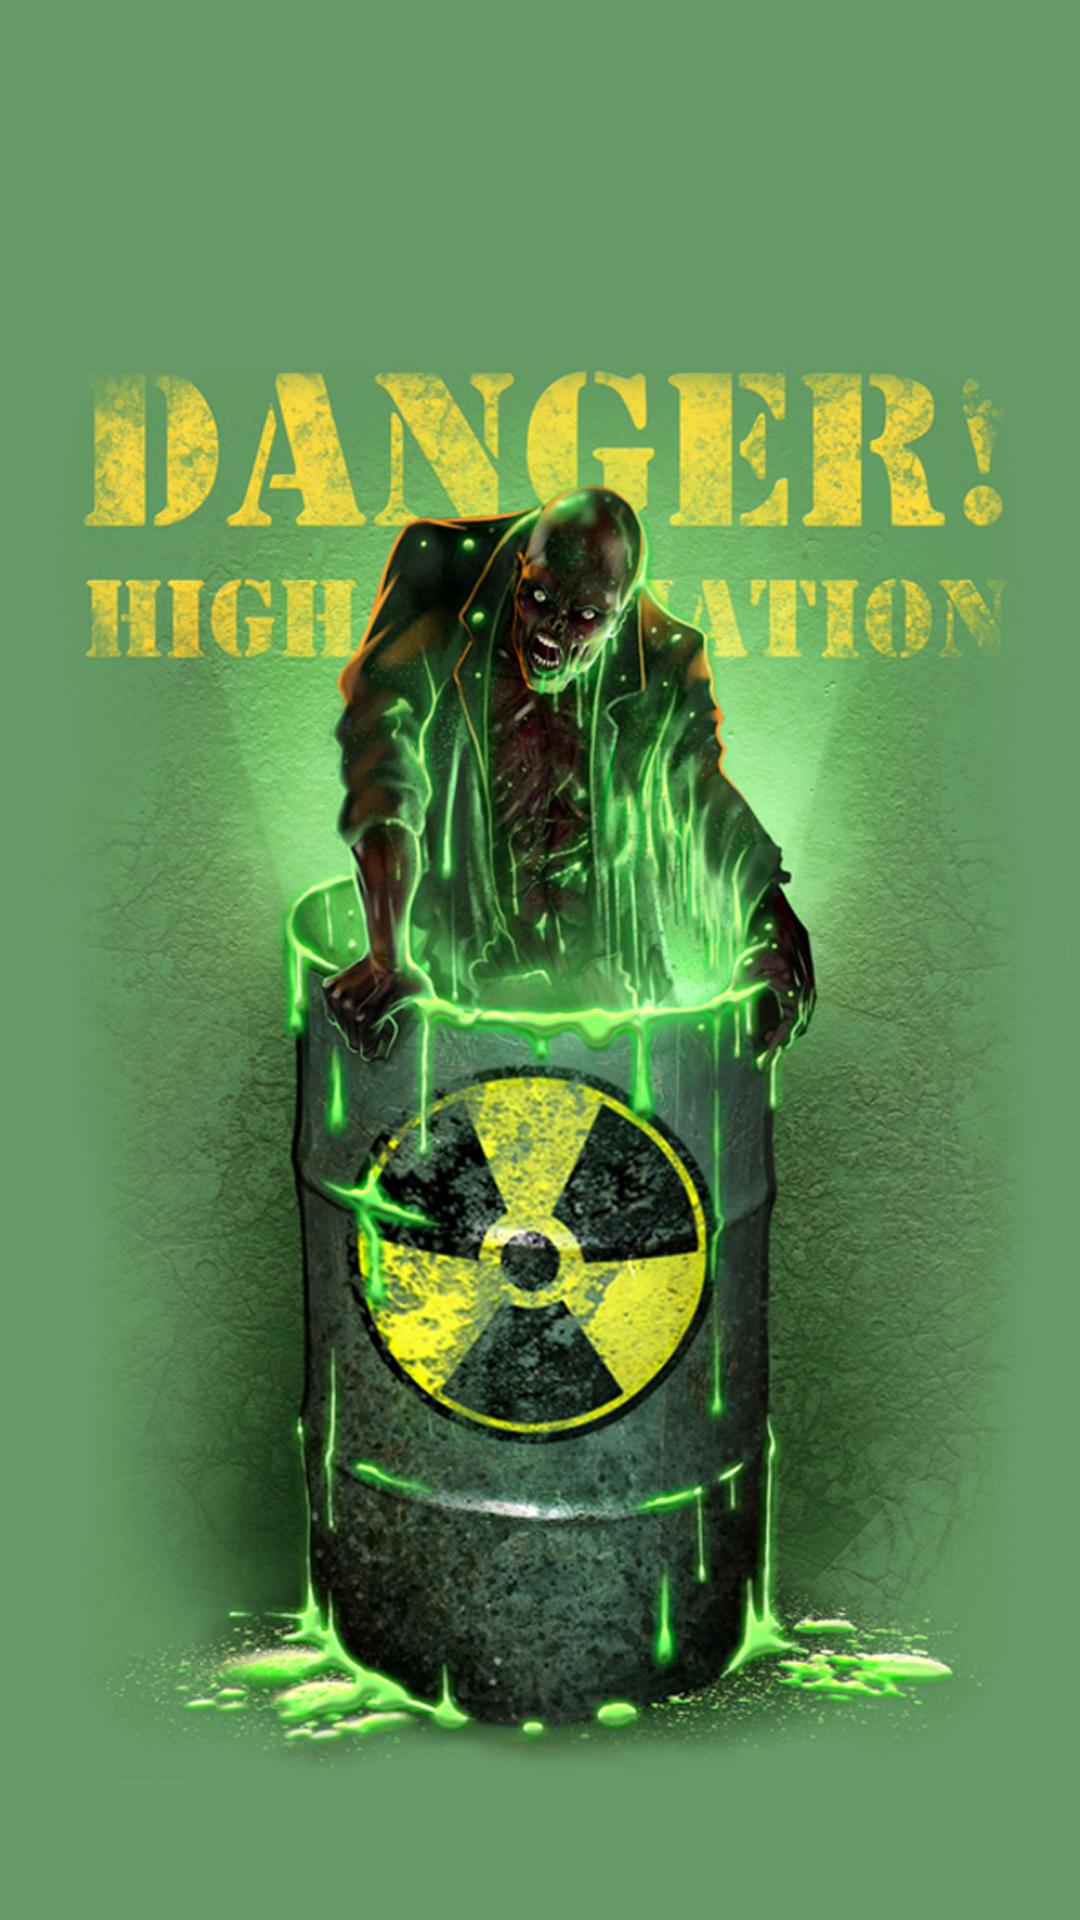 Danger zombie Halloween